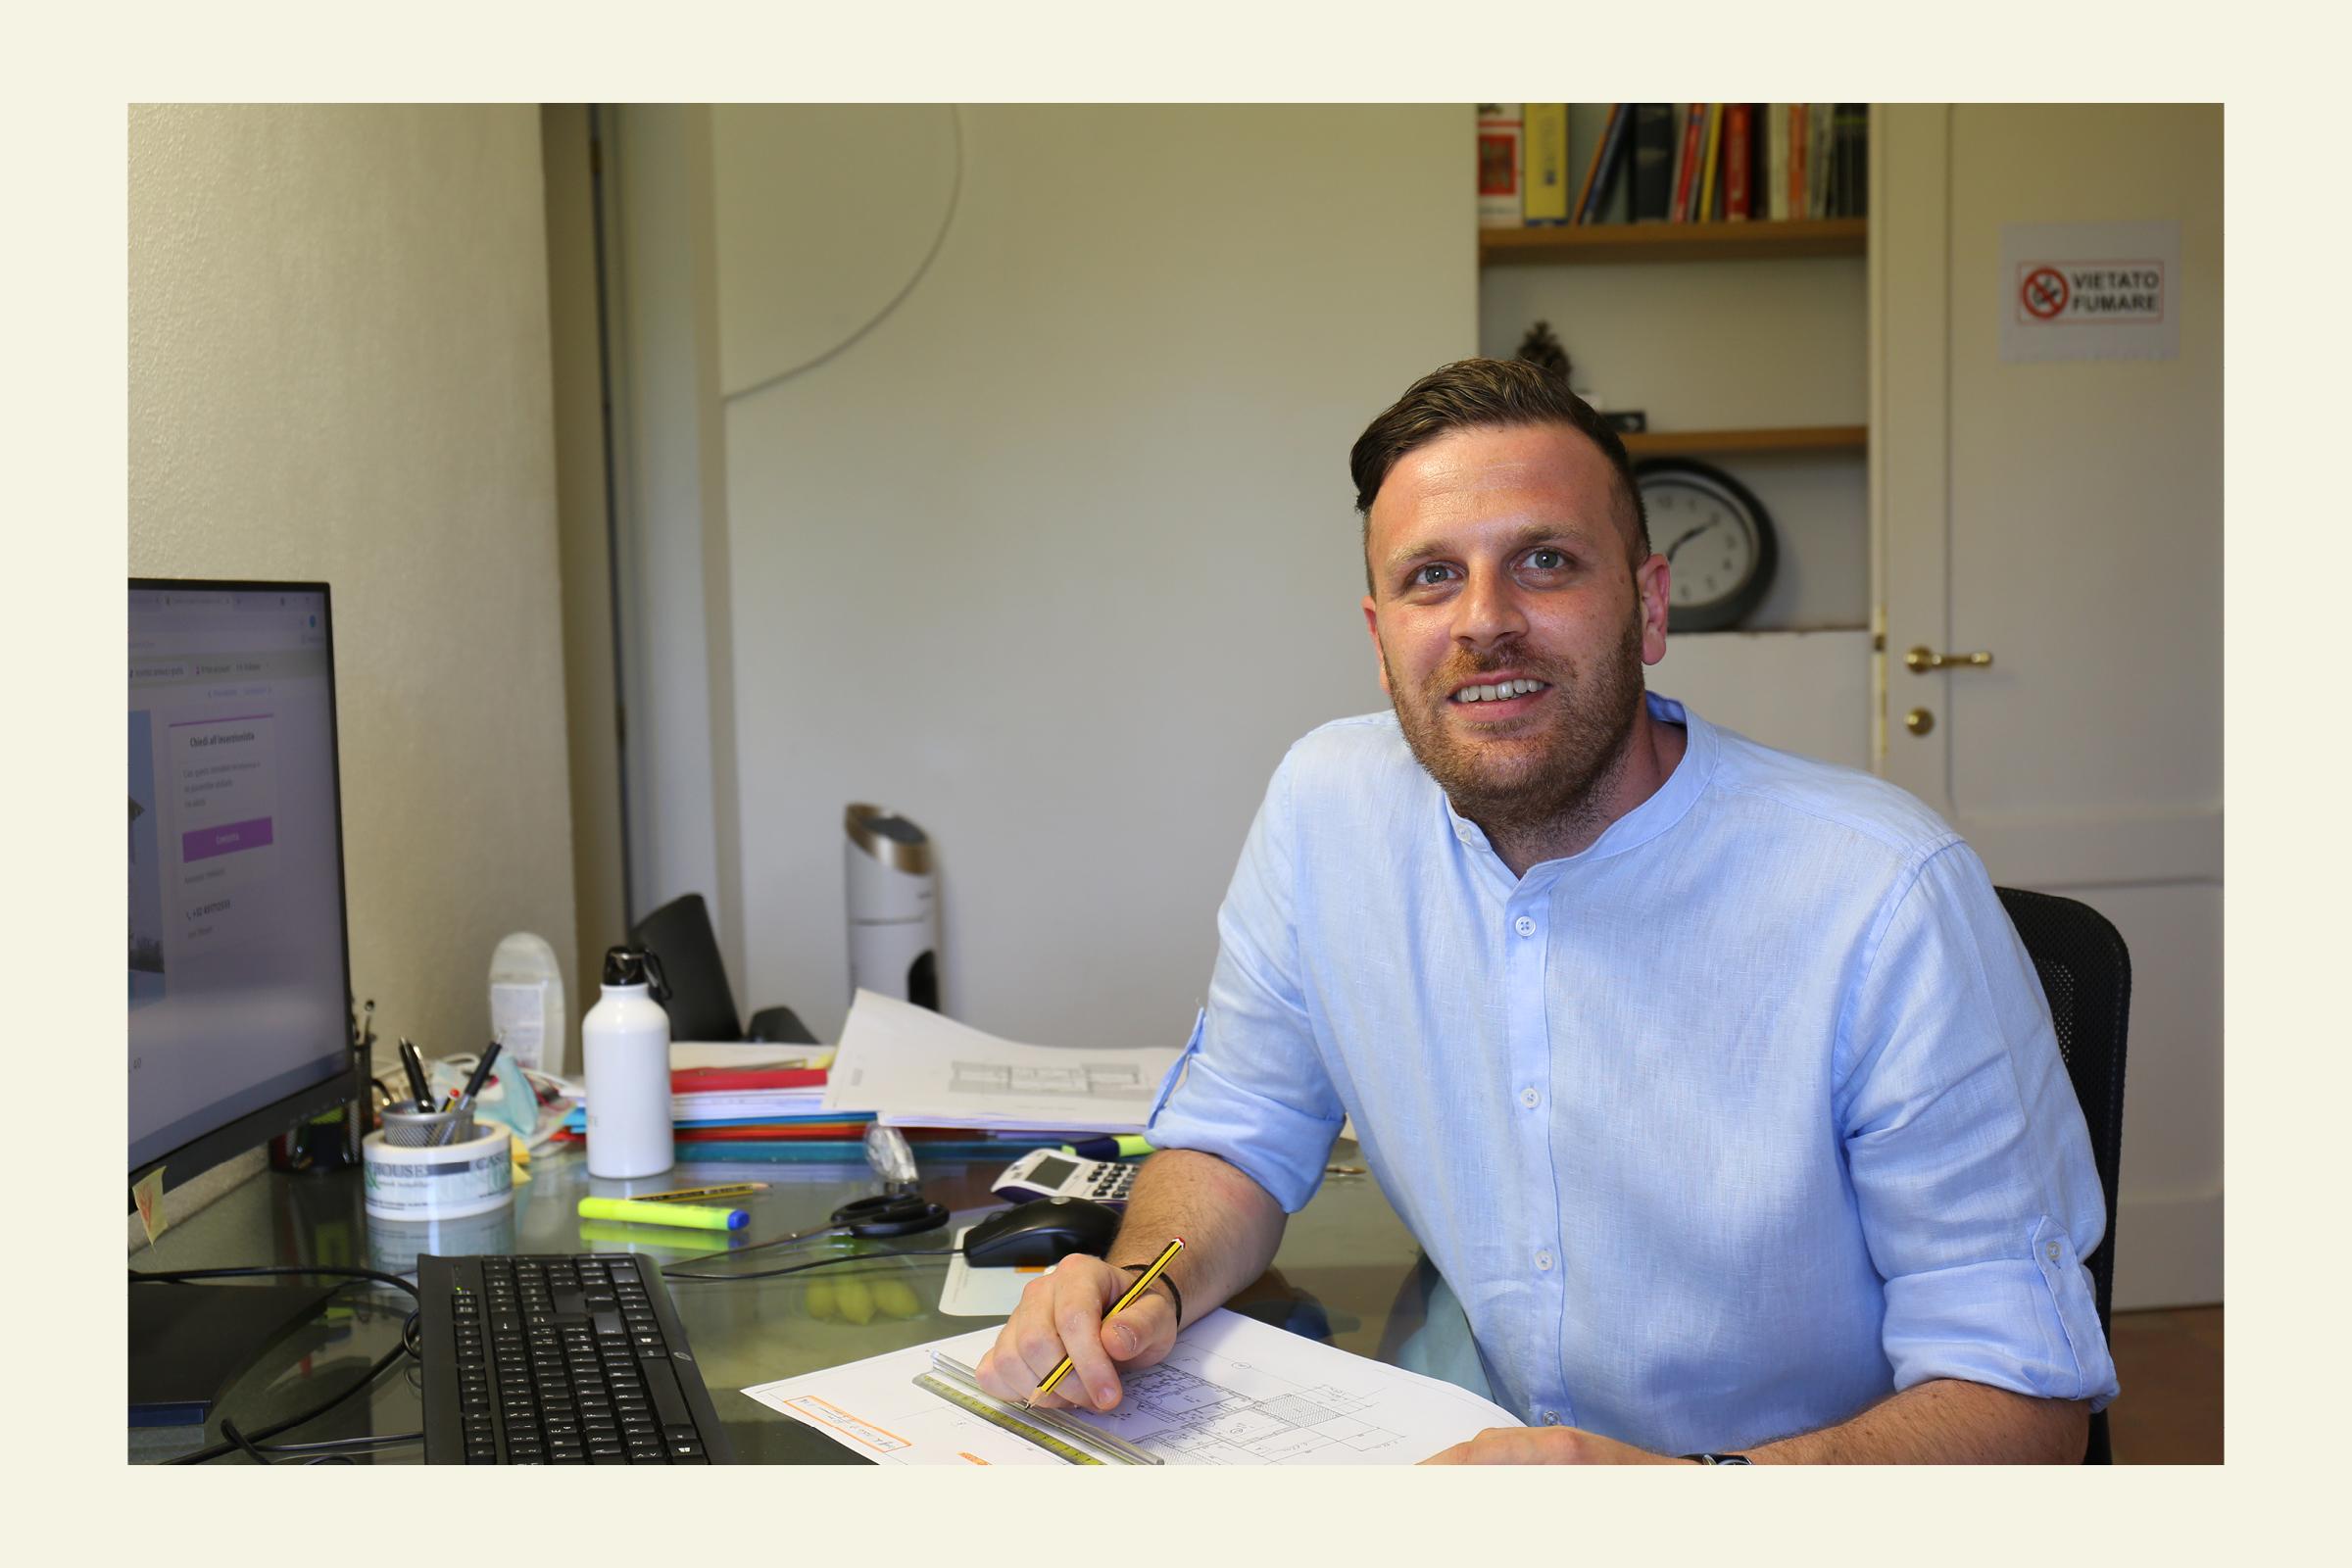 Отдел оценки Great Estate: интервью инженера Туллио Моранди